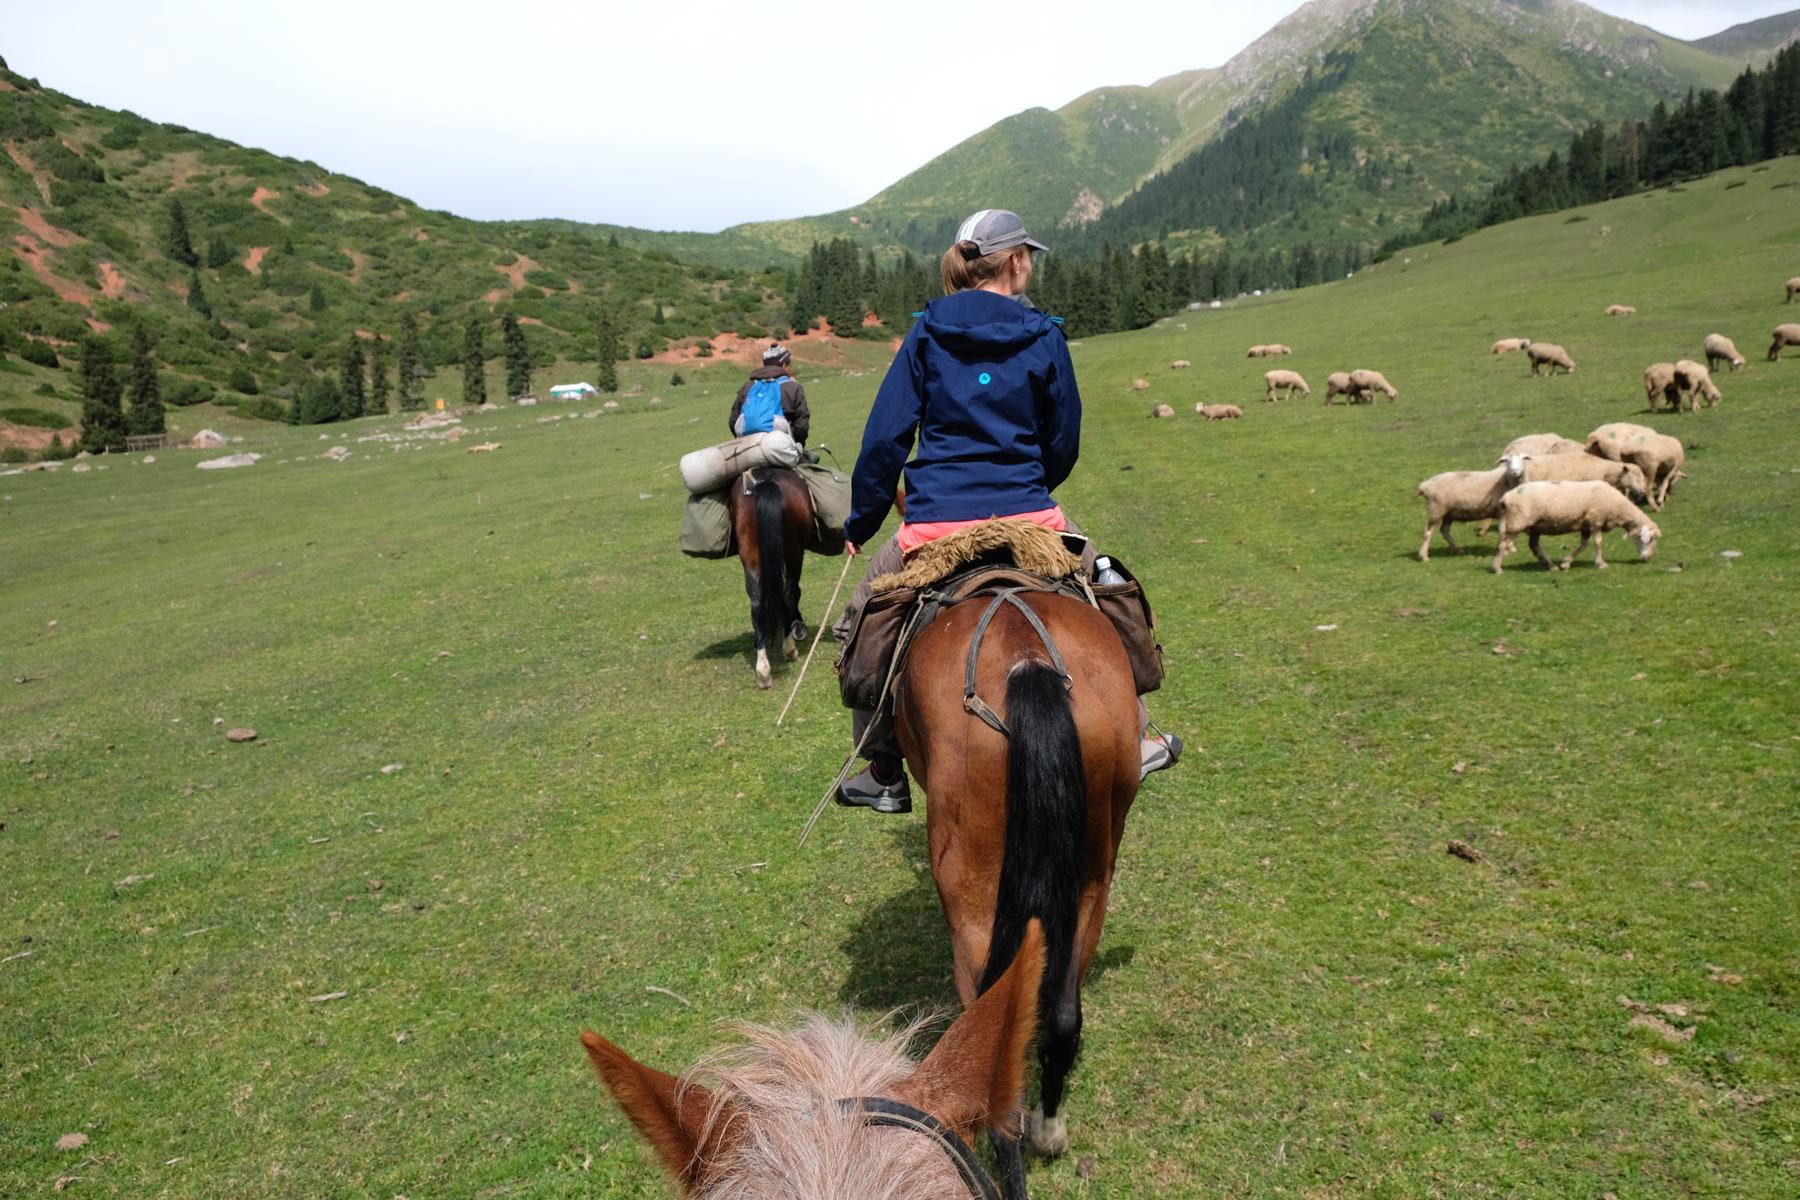 Zwischen Schafsherden und wild umherziehenden Pferden bahnen wir uns den Weg zurück Richtung Karkol